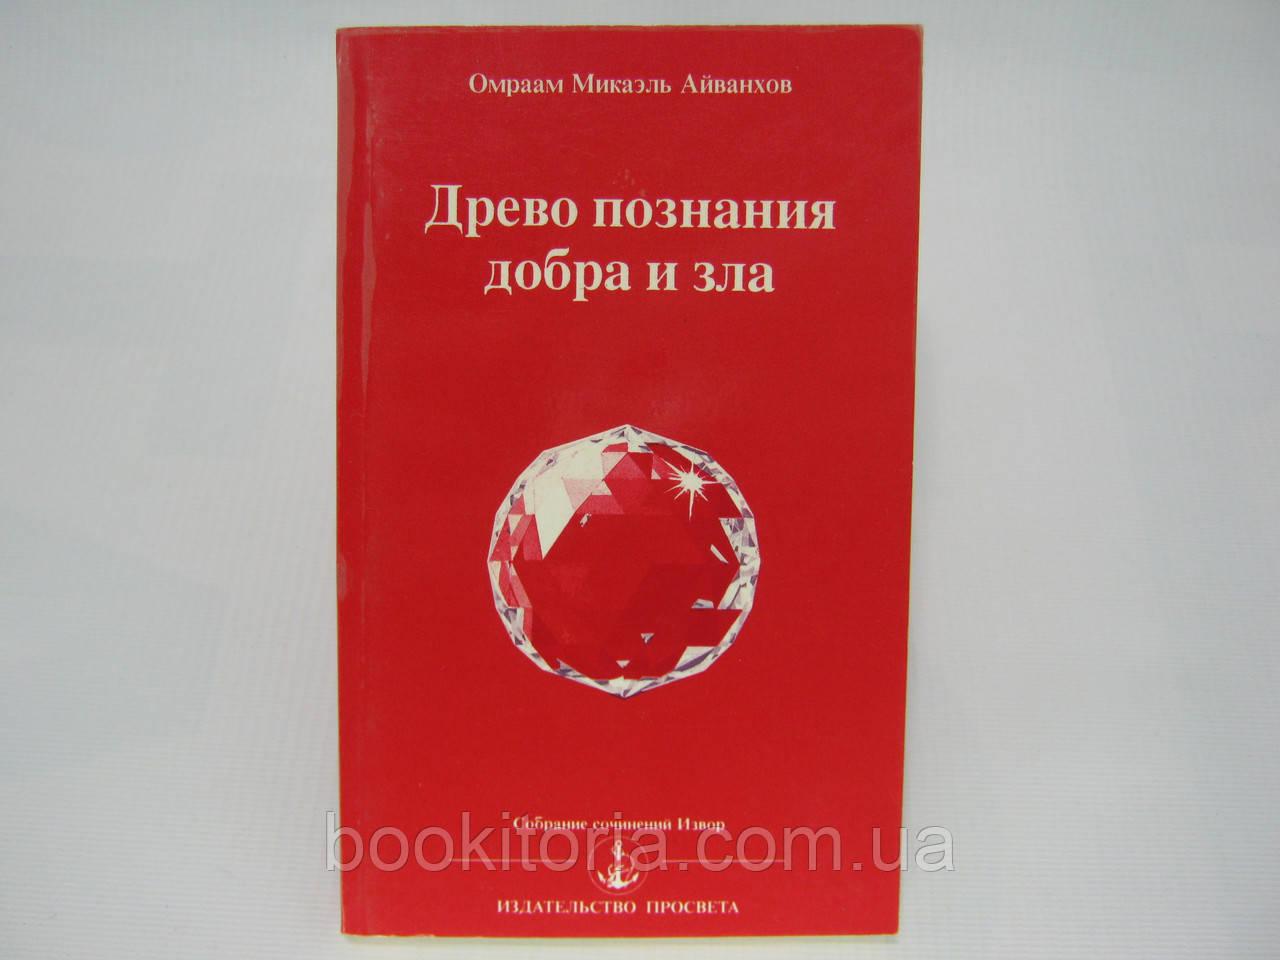 Айванхов О.М. Древо познания добра и зла (б/у).